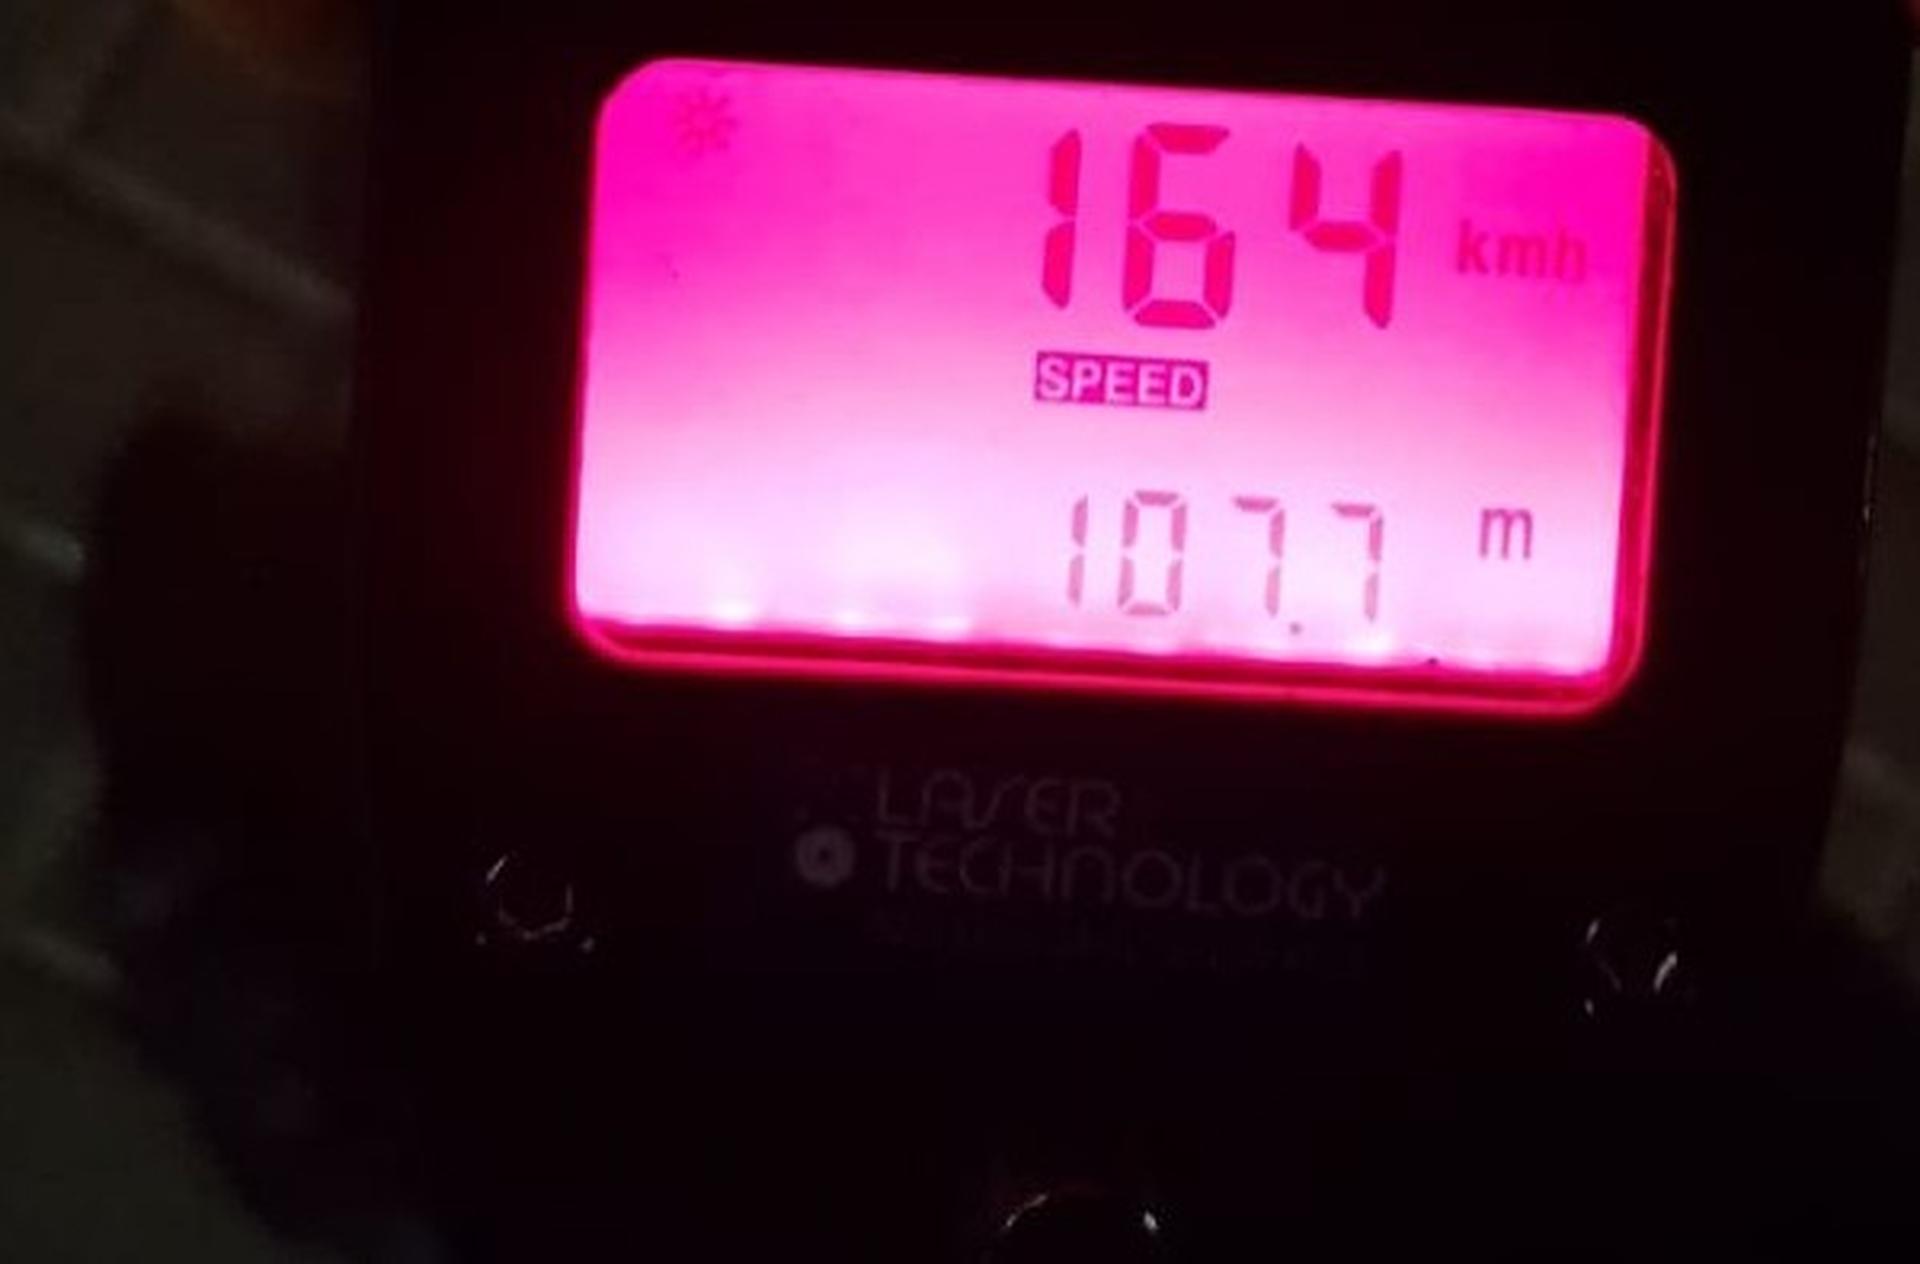 יותר מפי 2 מהמהירות המותרת | צילום: דוברות המשטרה